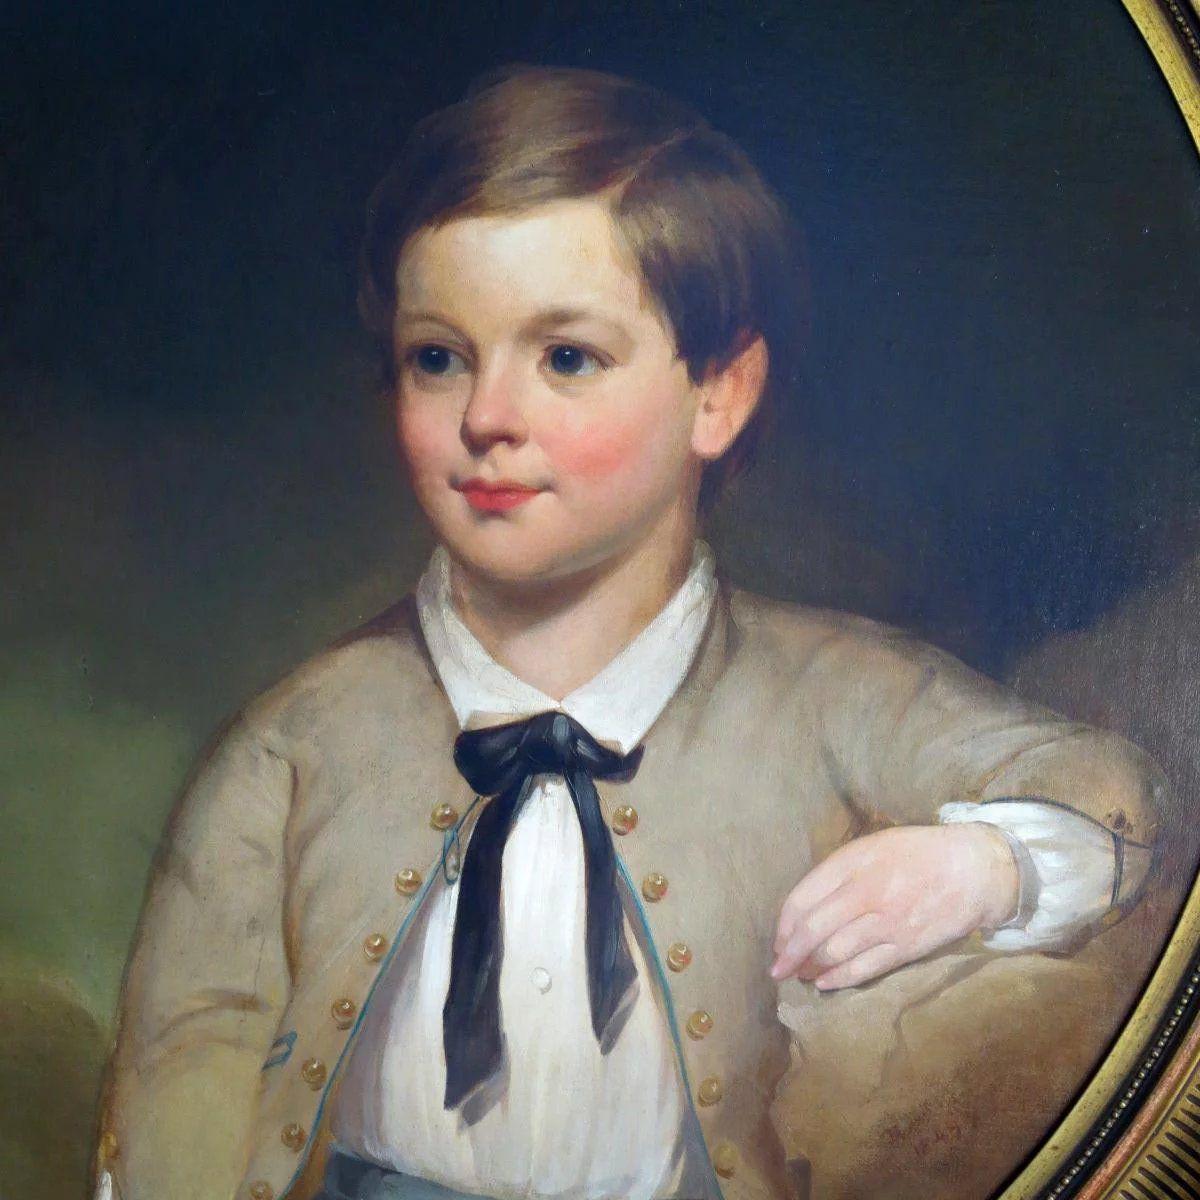 Portrait boy young man child Antique oil painting original